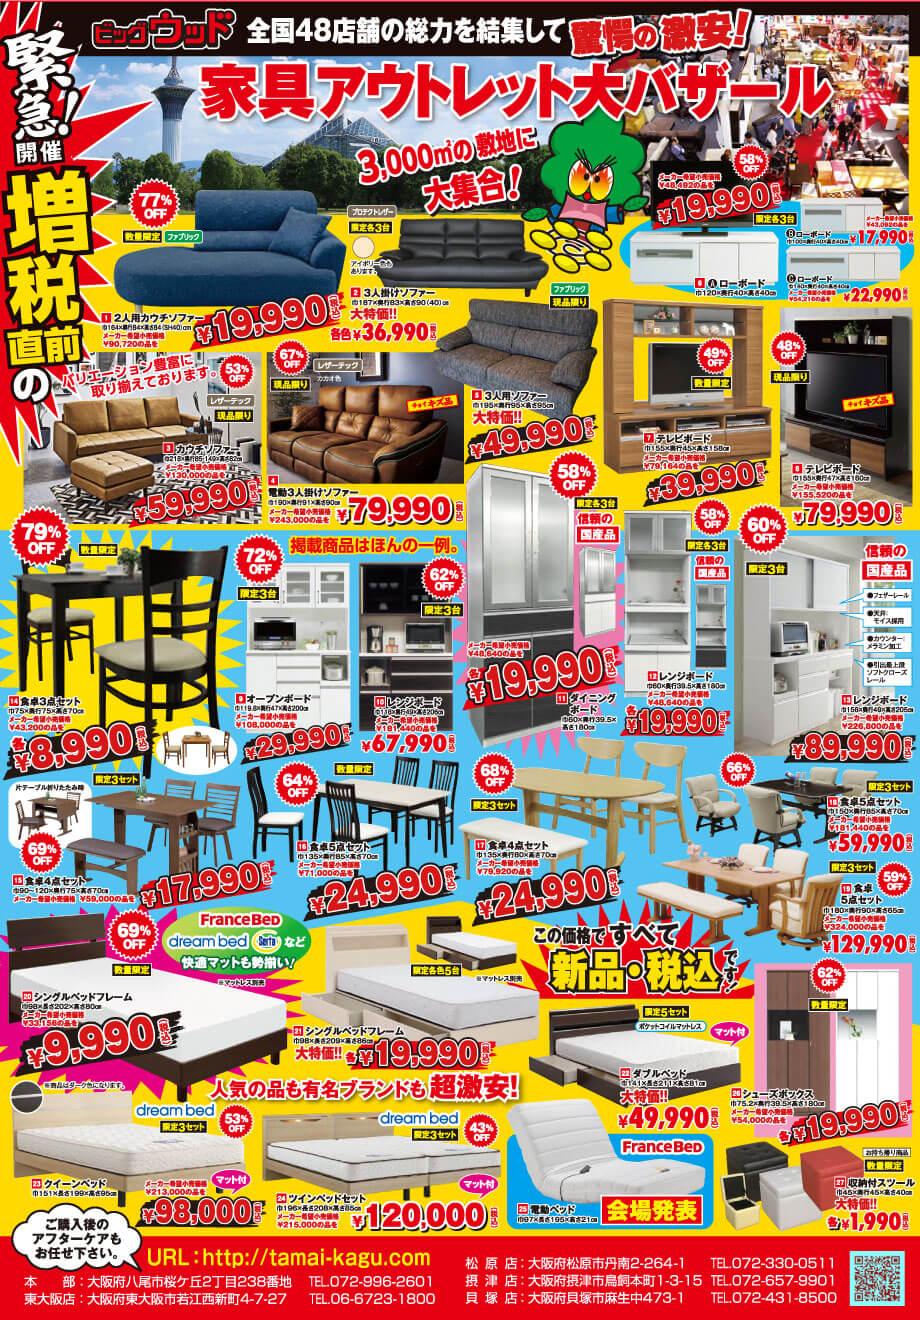 2人掛けからカウチや電動などソファー各種、フランスベッド・サータ・ドリームベッドなど有名ブランドのベッドも激安!